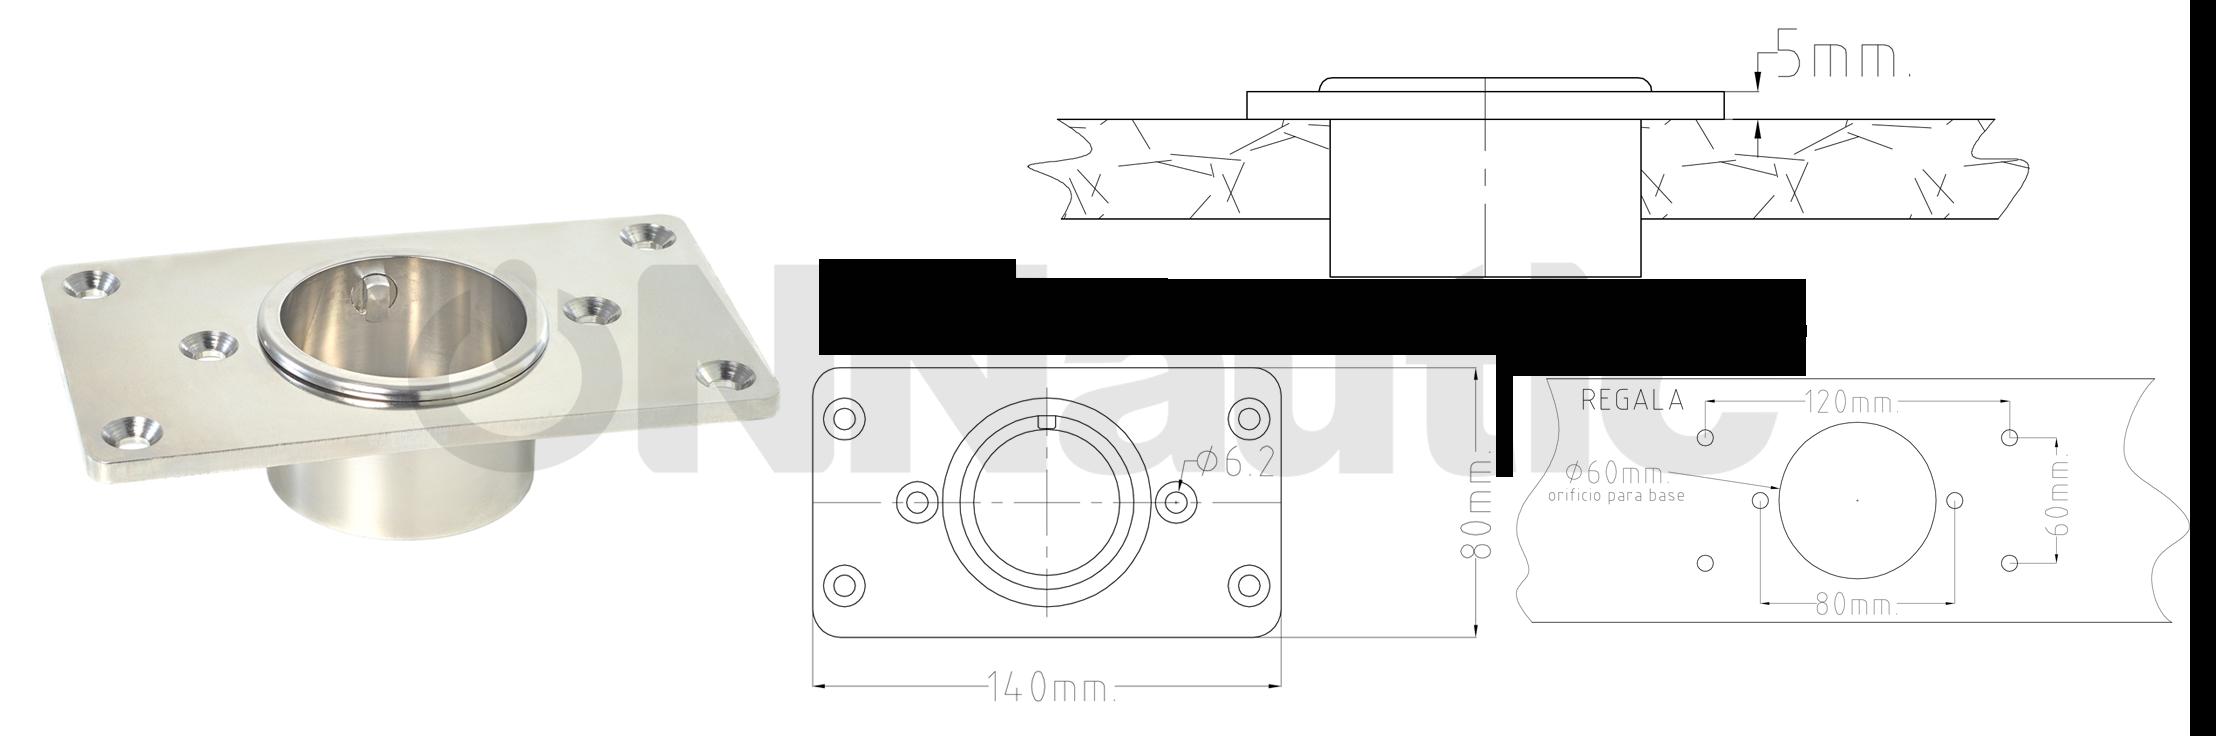 base cañero rectangular rocket